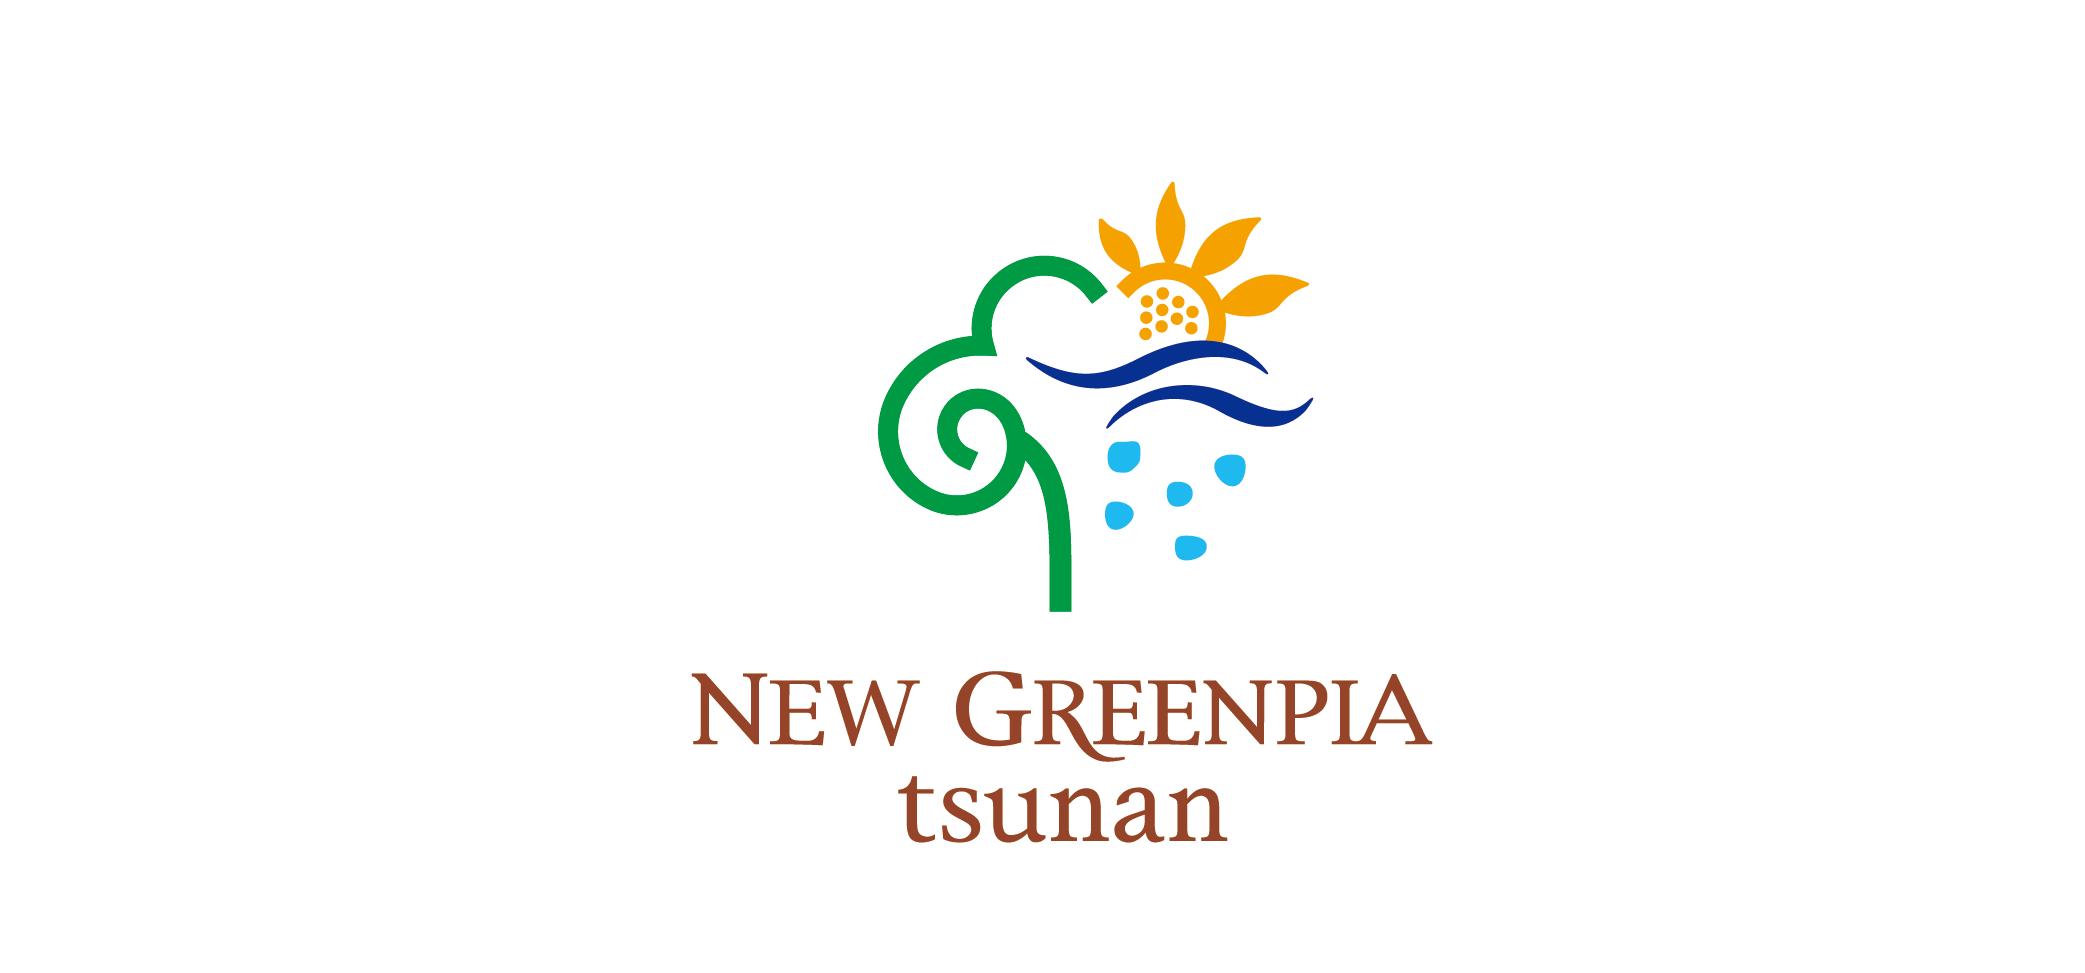 New Greenpia